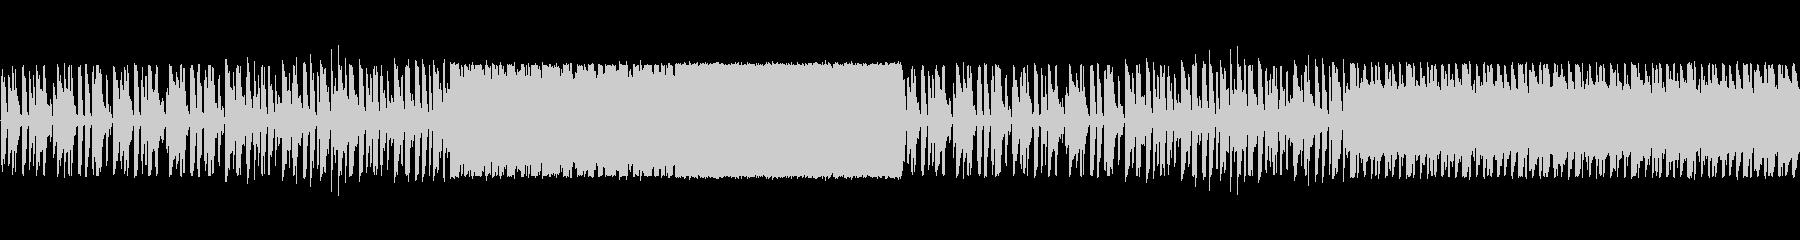 ドラムがきいたポップ調の未再生の波形